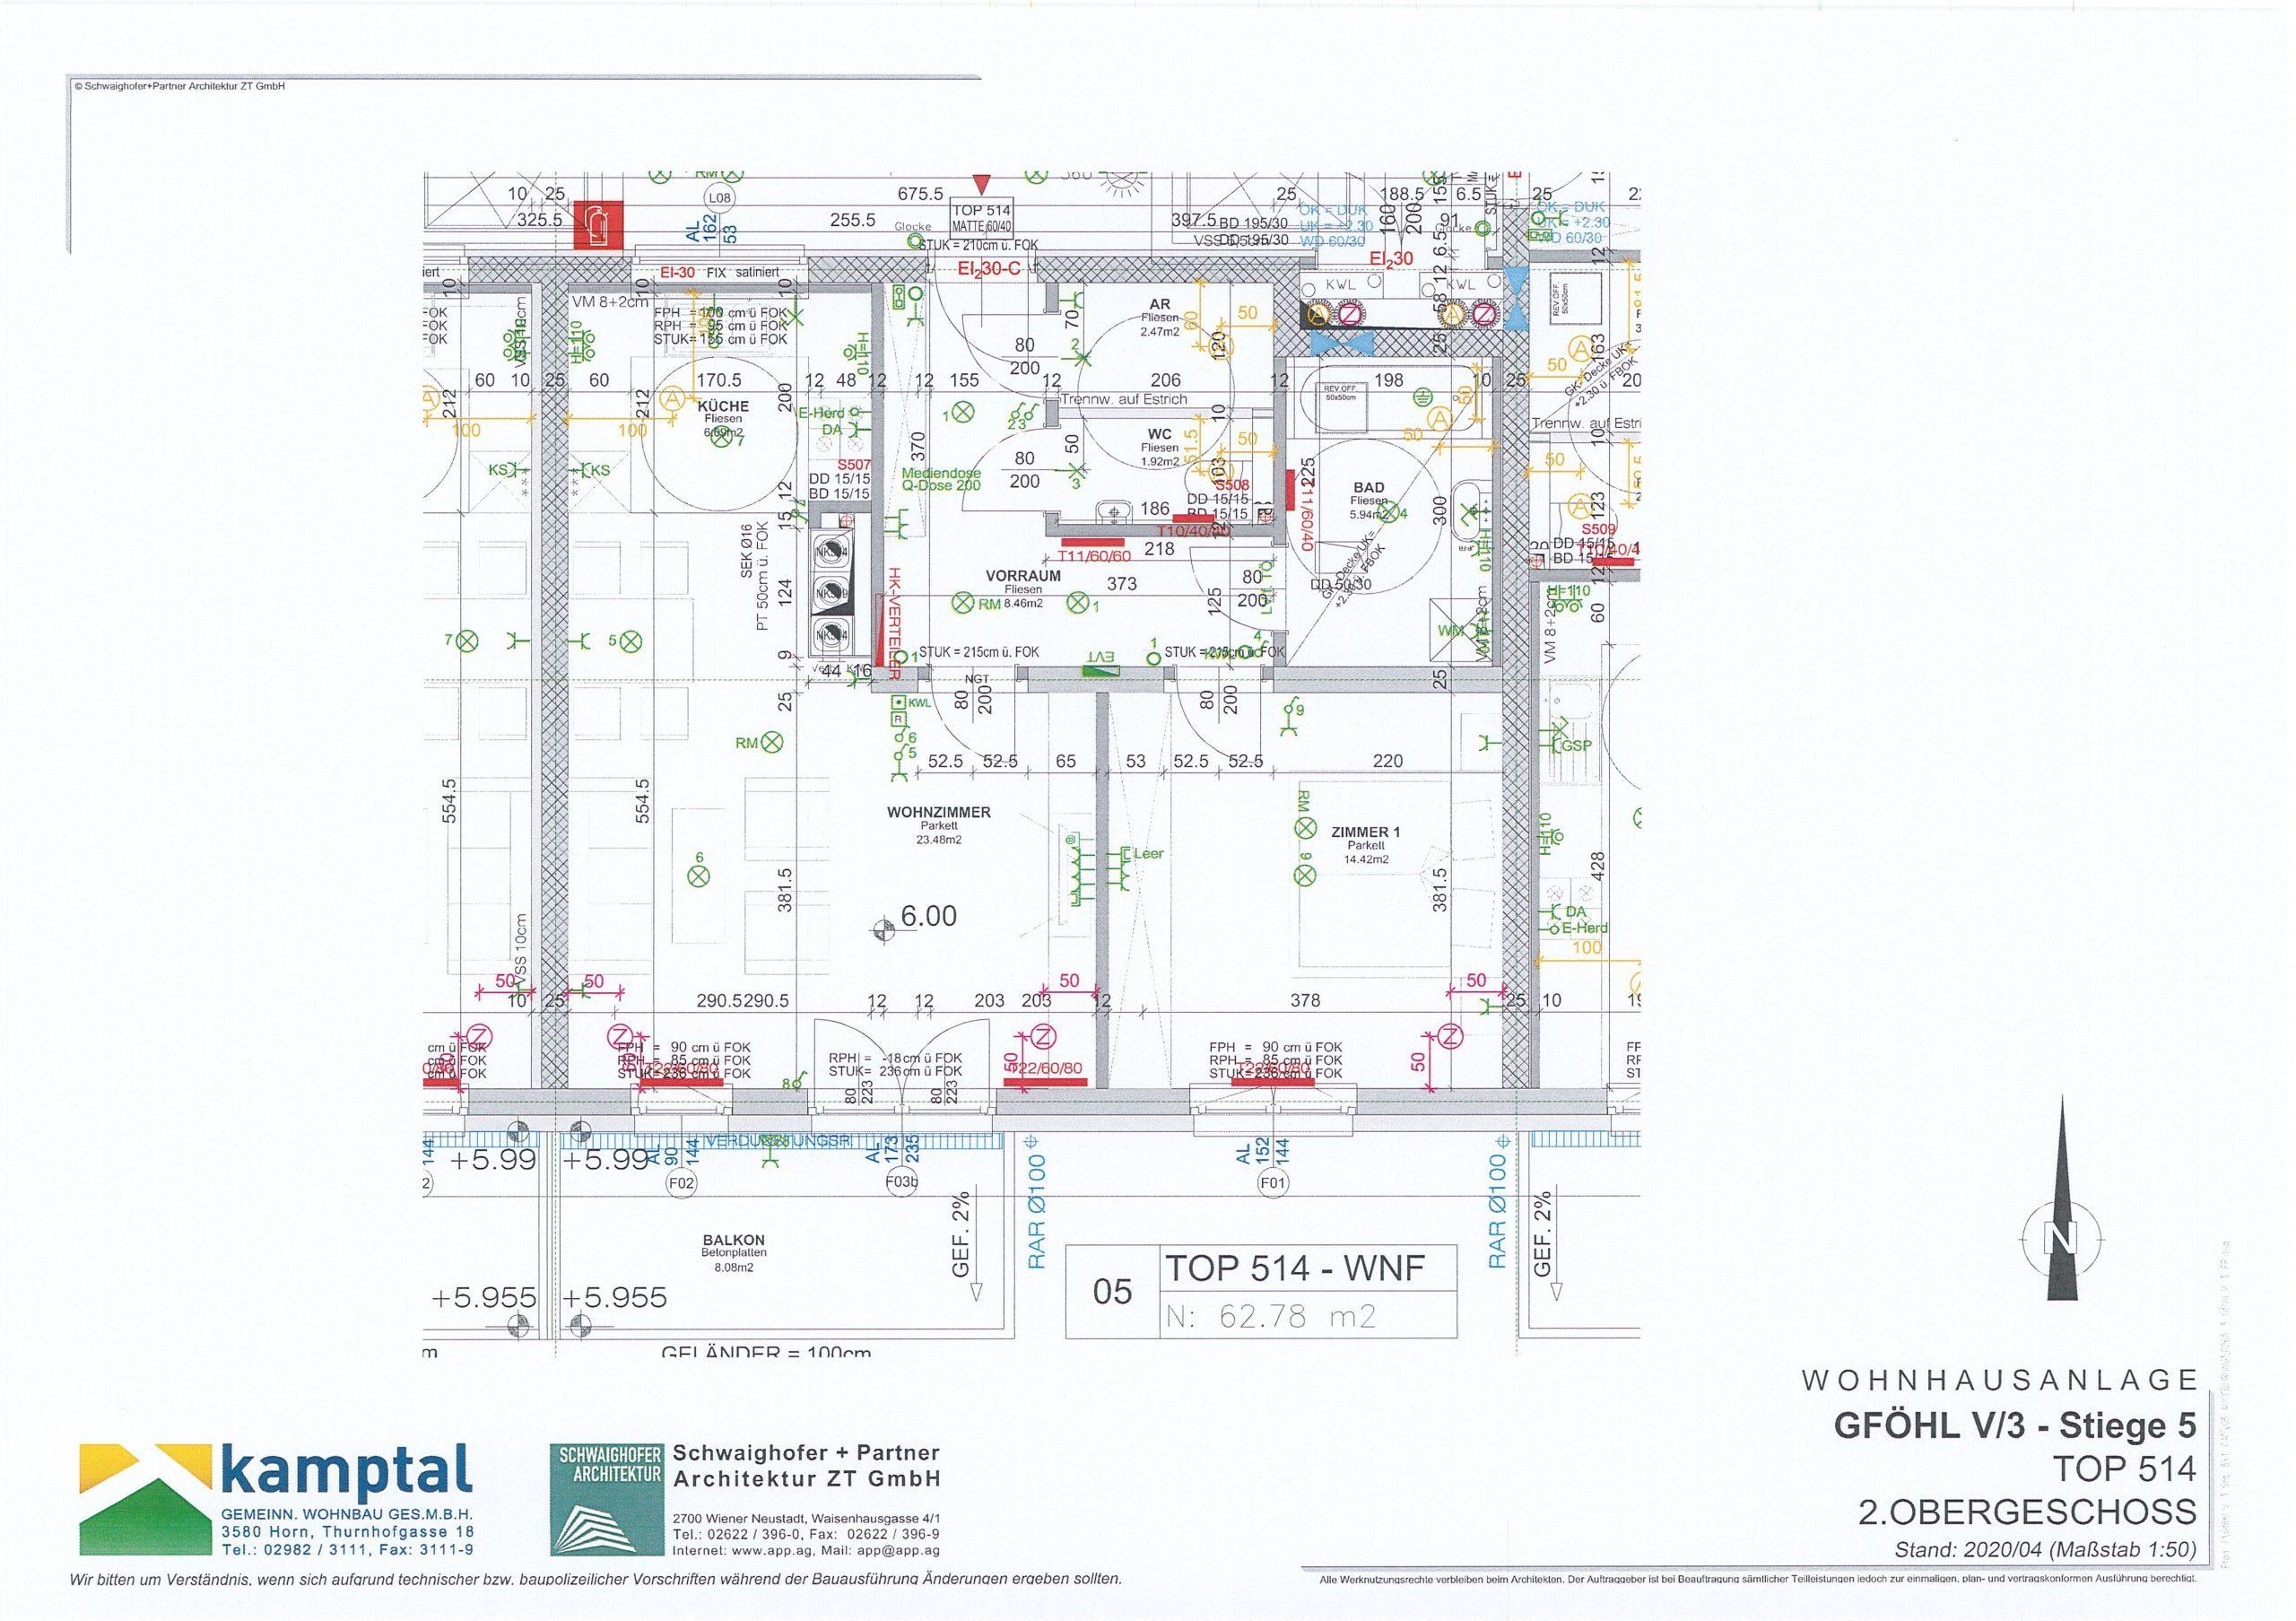 Immobilie von Kamptal in 3542 Gföhl, Krems(Land), Gföhl V/3 - Top 514 #6